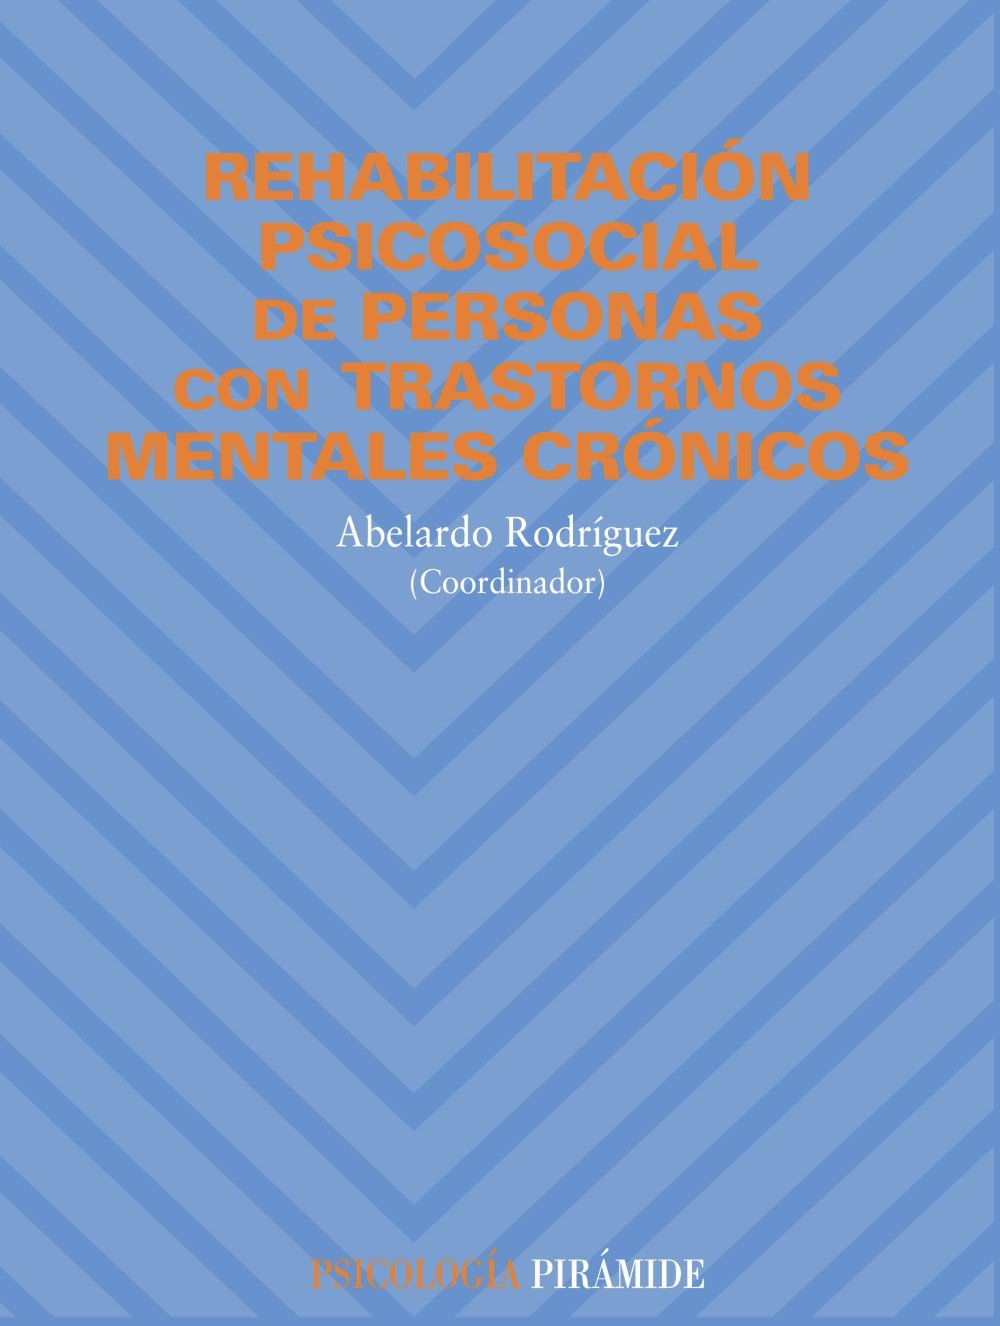 Rehabilitación psicosocial de personas con trastornos mentales crónicos Psicología: Amazon.es: Abelardo Rodríguez González: Libros